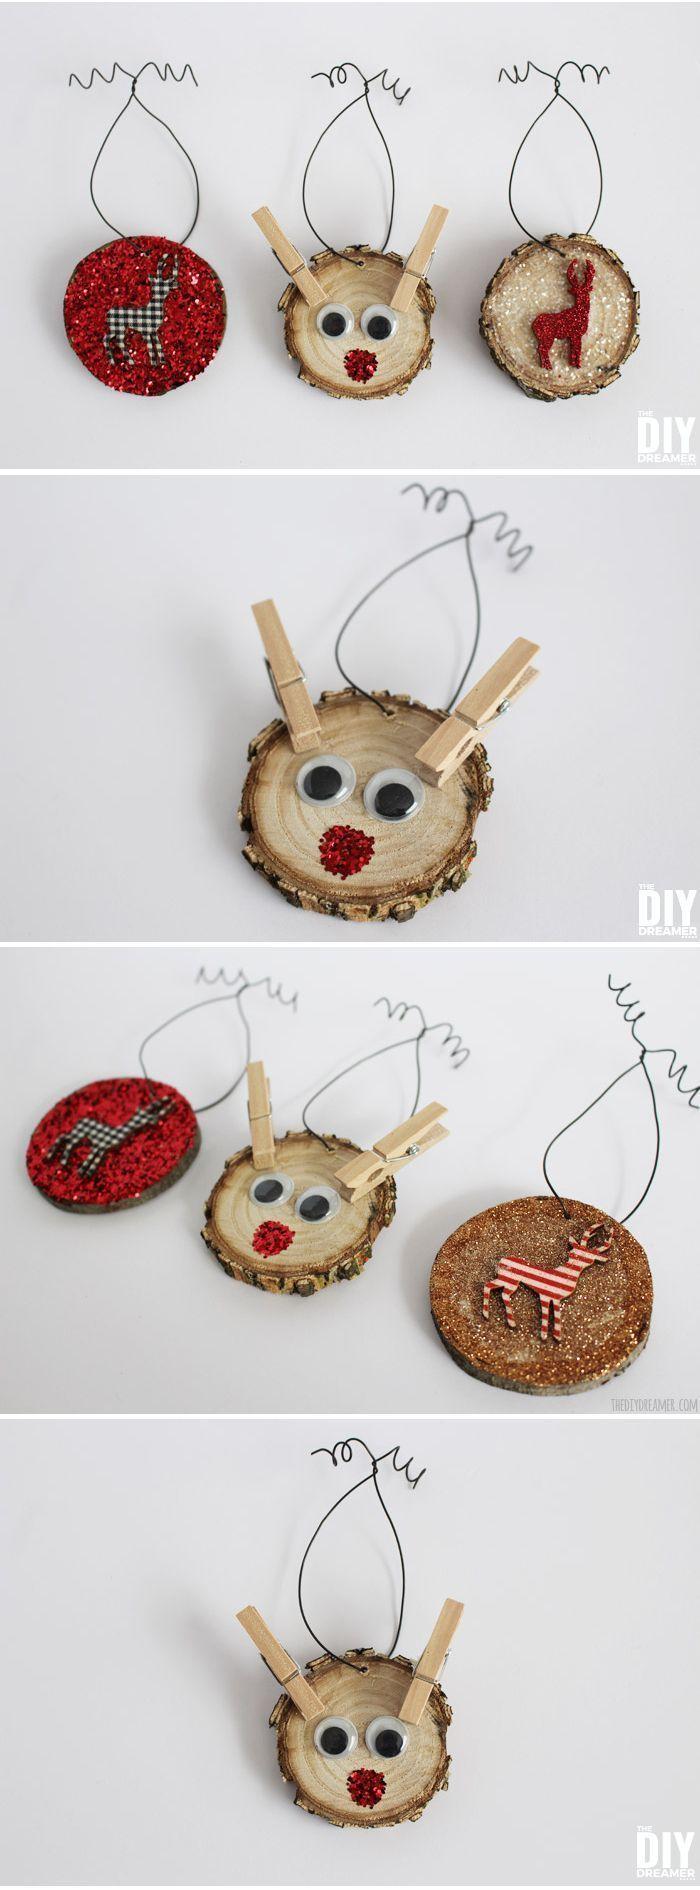 Deer Wood Slice Ornaments Rustic Christmas Xmas Crafts Kids Ornaments Christmas Crafts To Make